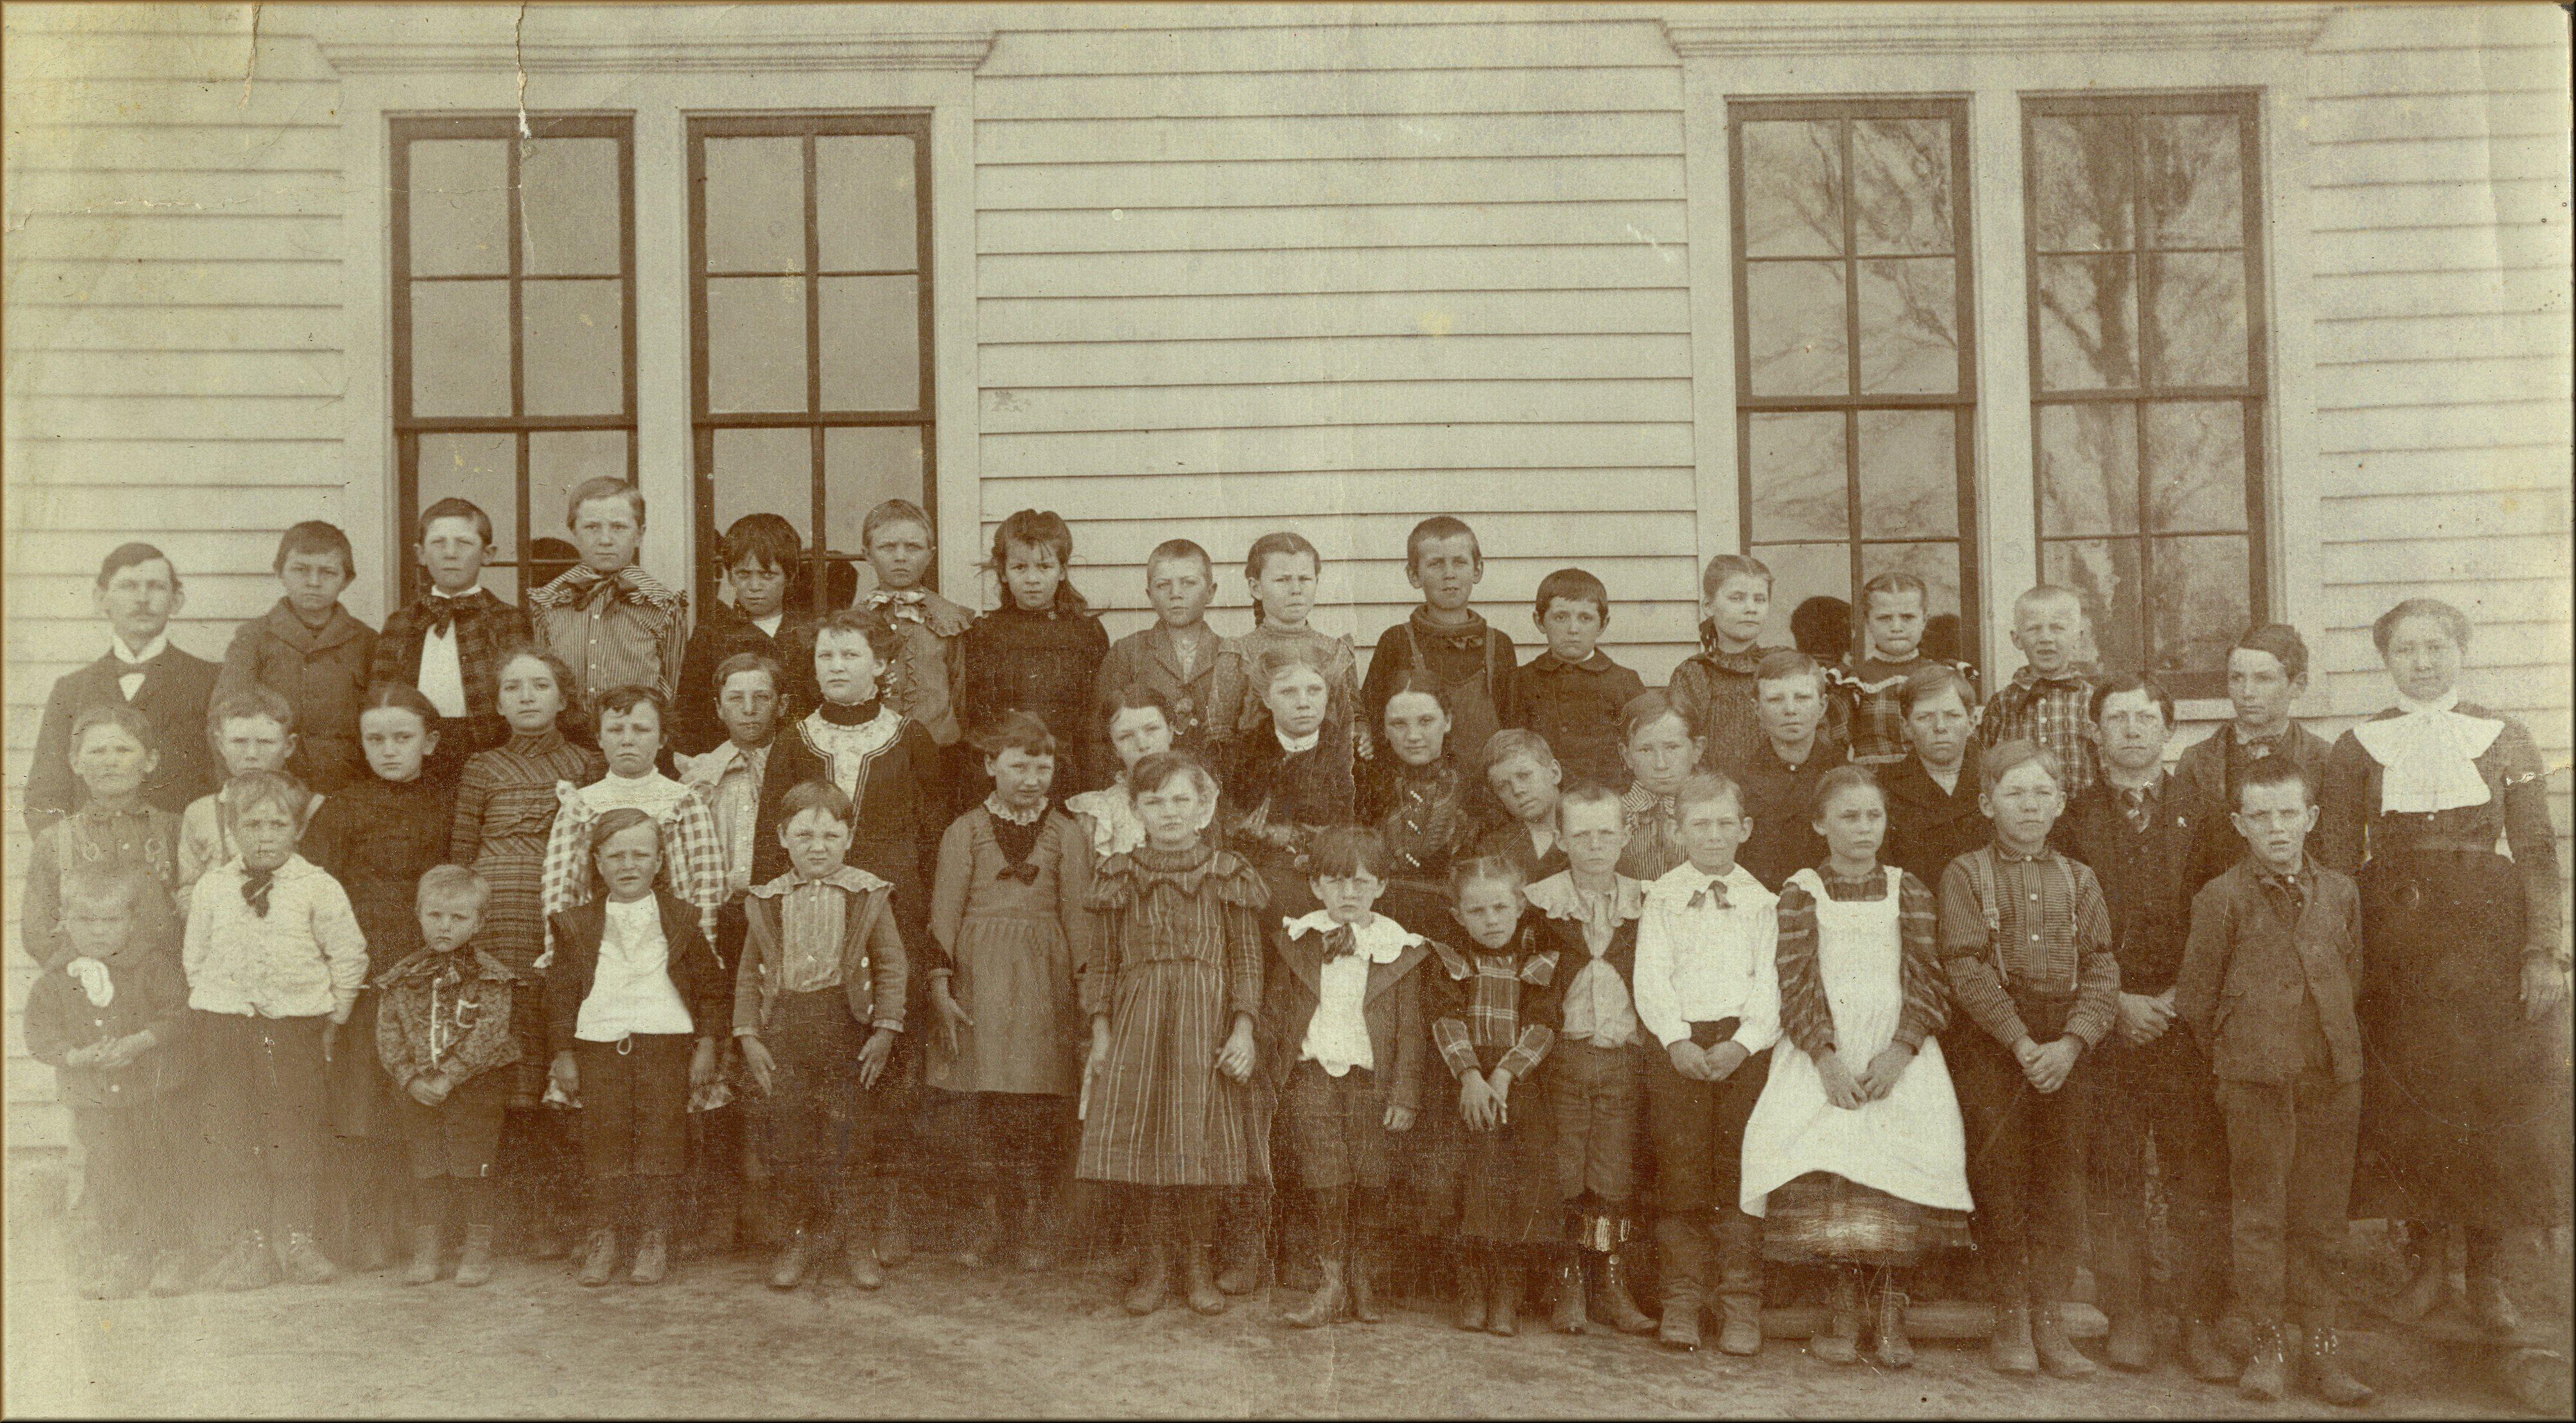 Ludington MIchigan class picture, circa 1900